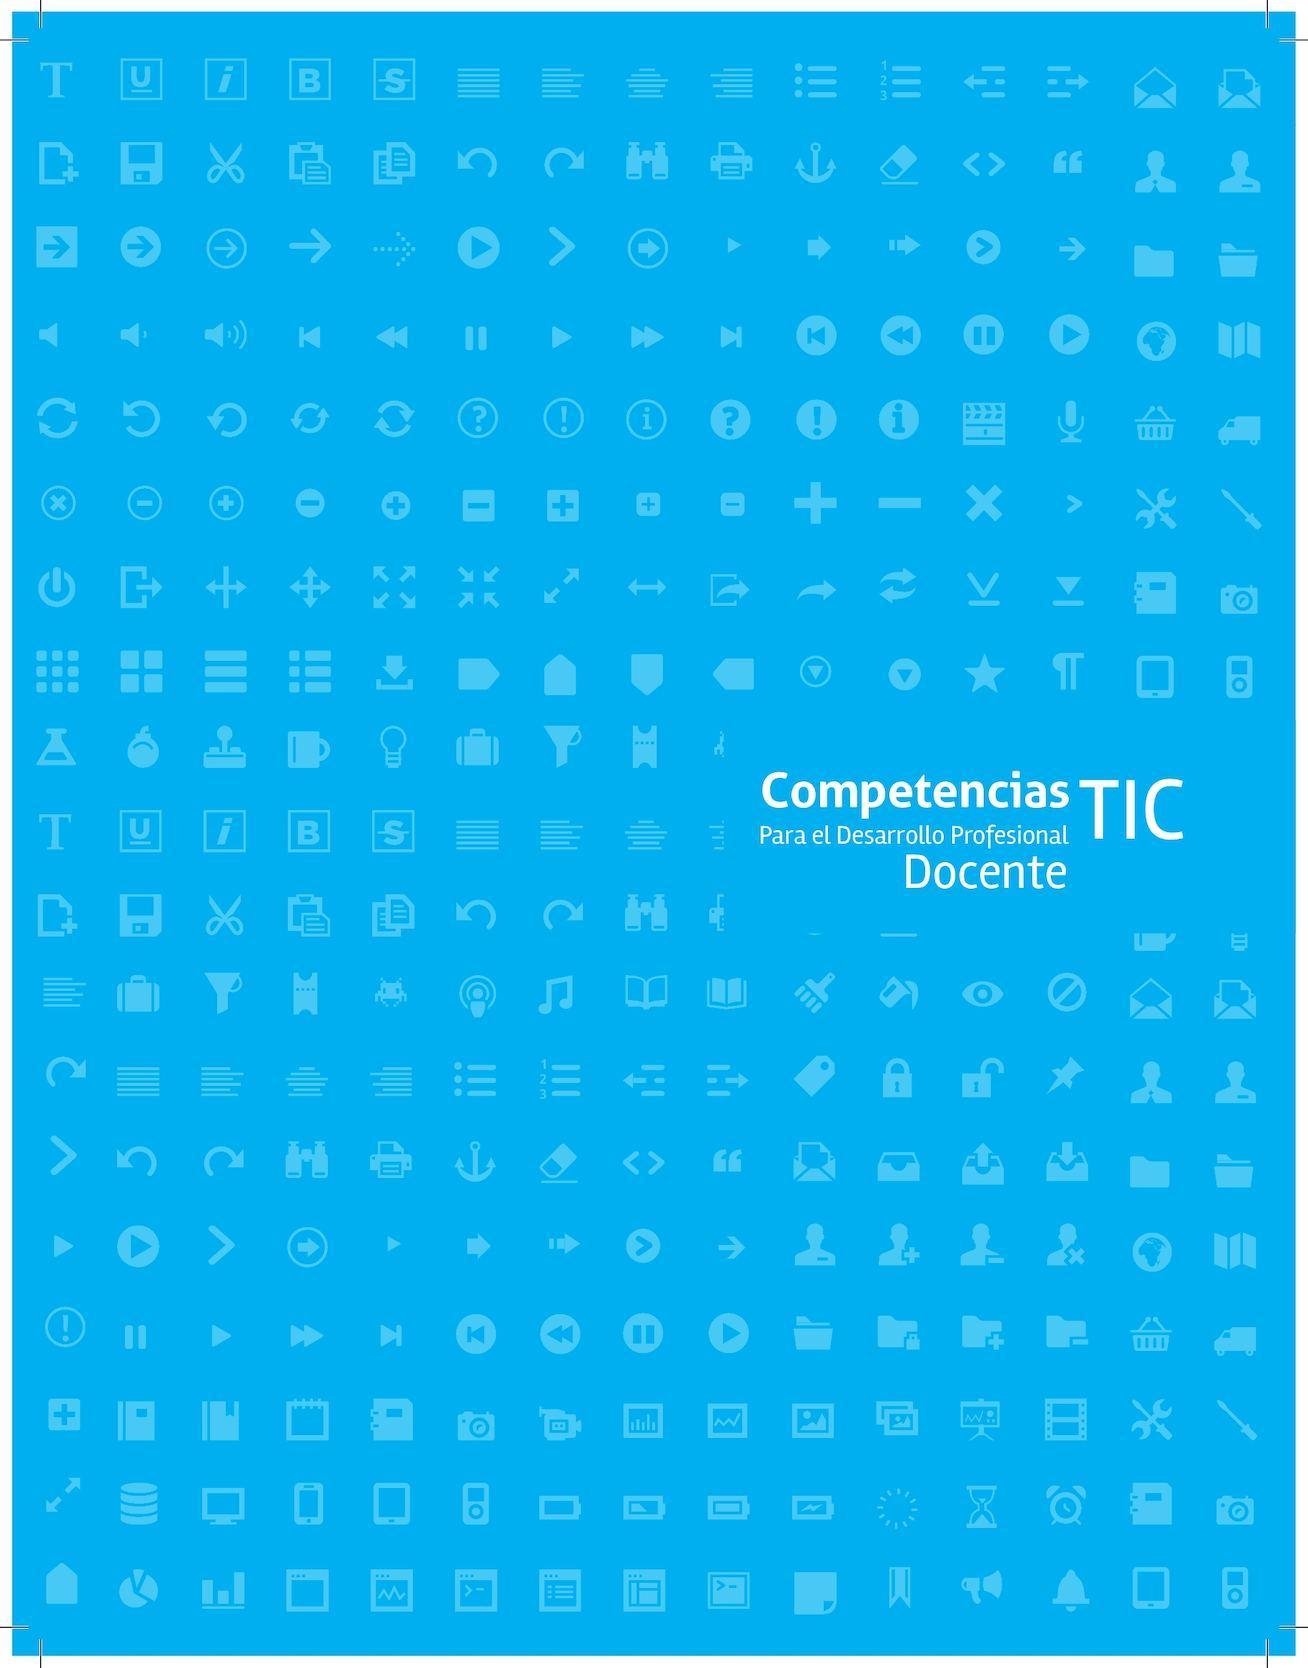 Competencias Tic Para El Desarrollo Profesional Docente